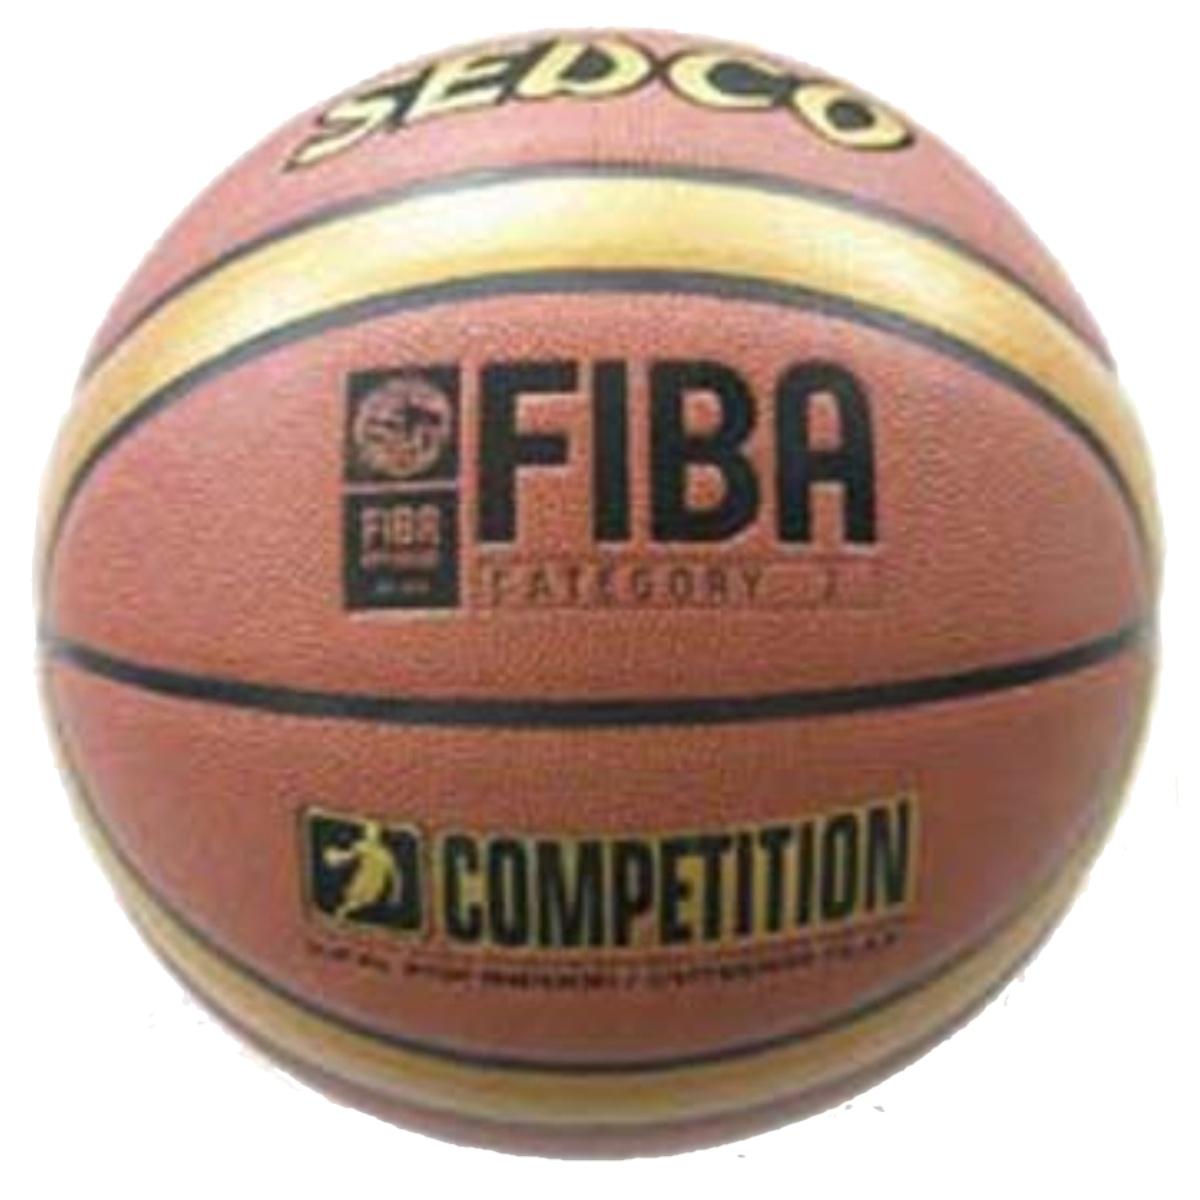 Basketbalový míč SEDCO Competition 6